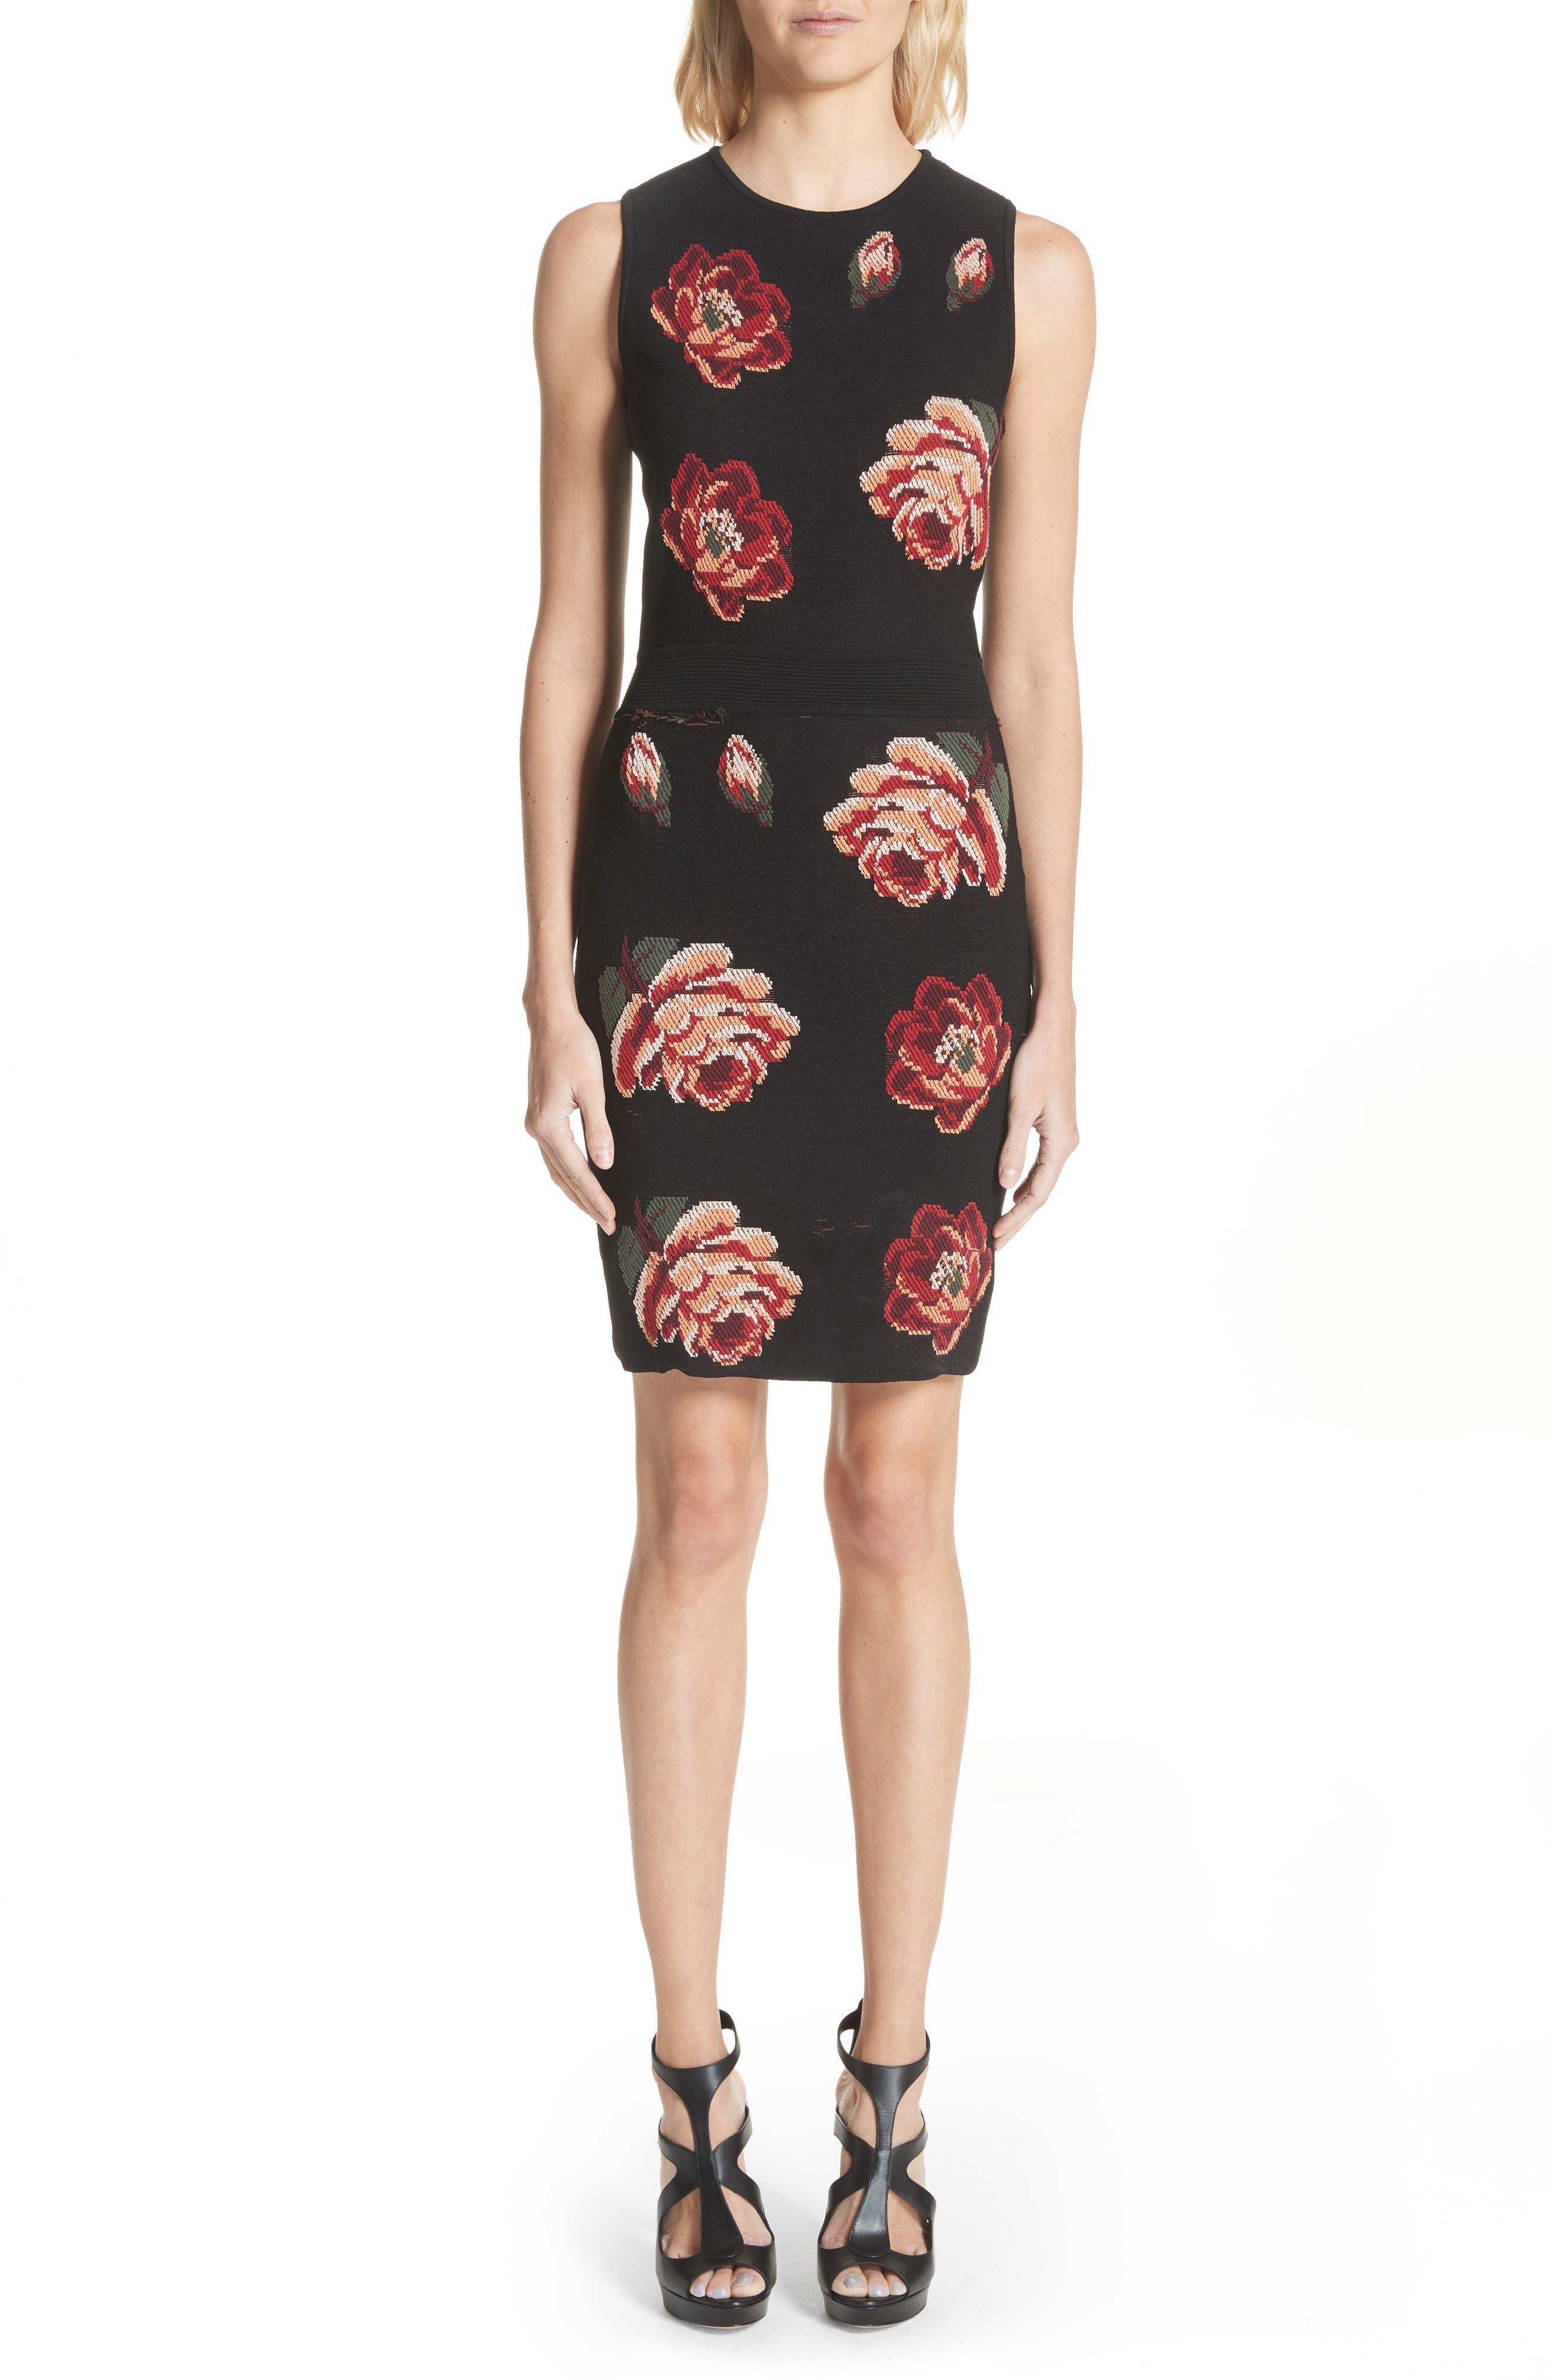 Intarsia Floral Print Dress,                             Main thumbnail 1, color,                             Black/ Red/ Green